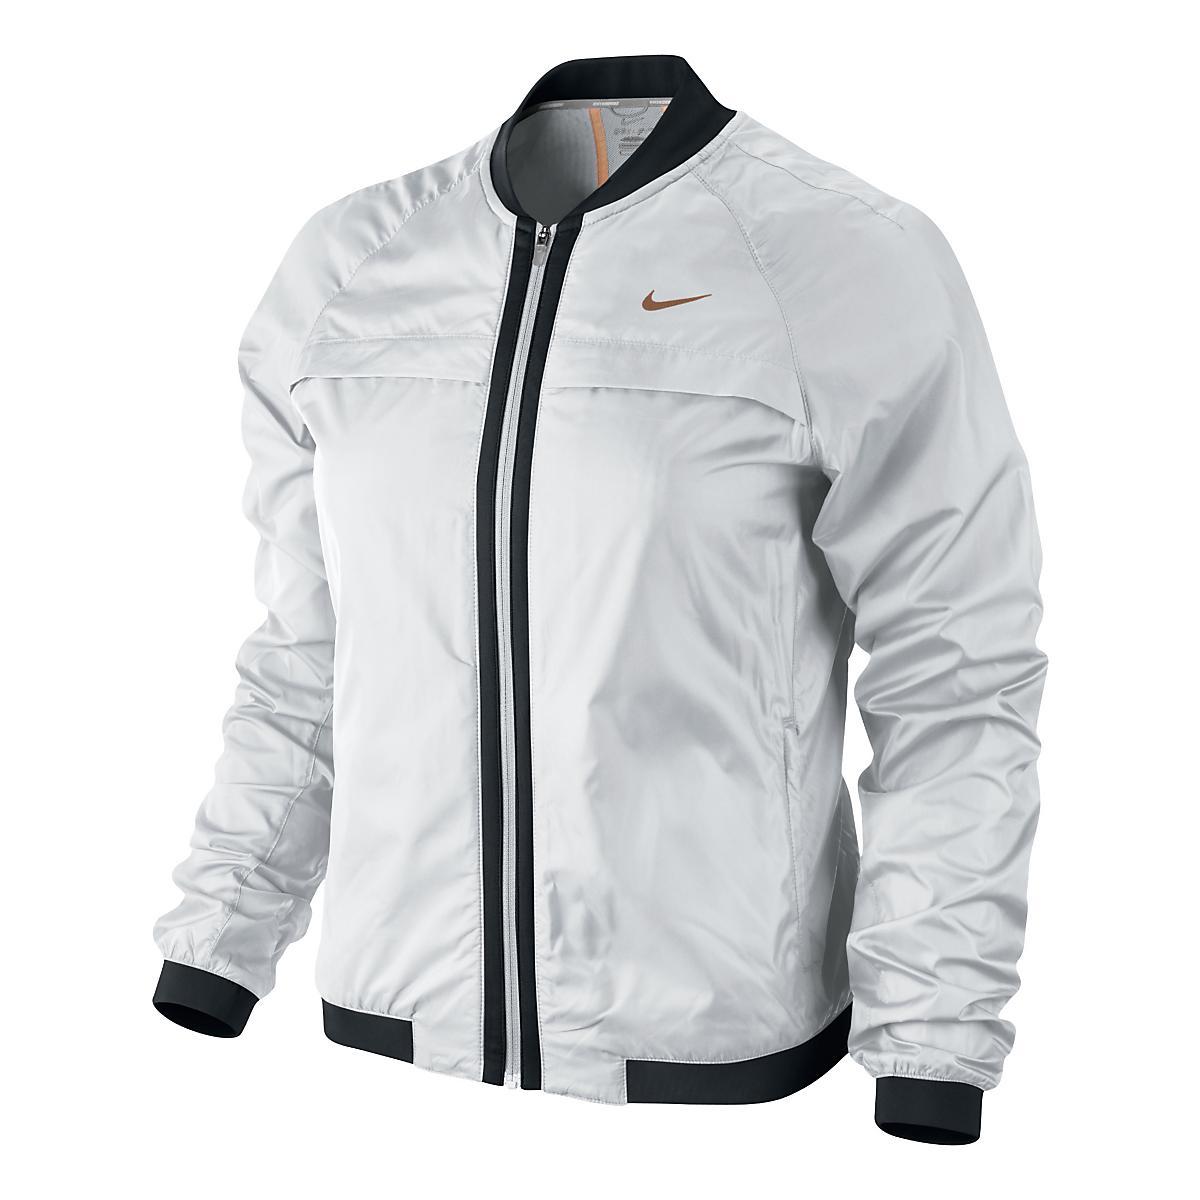 Nike jacket gray and black - Women S Nike Bomber Jacket